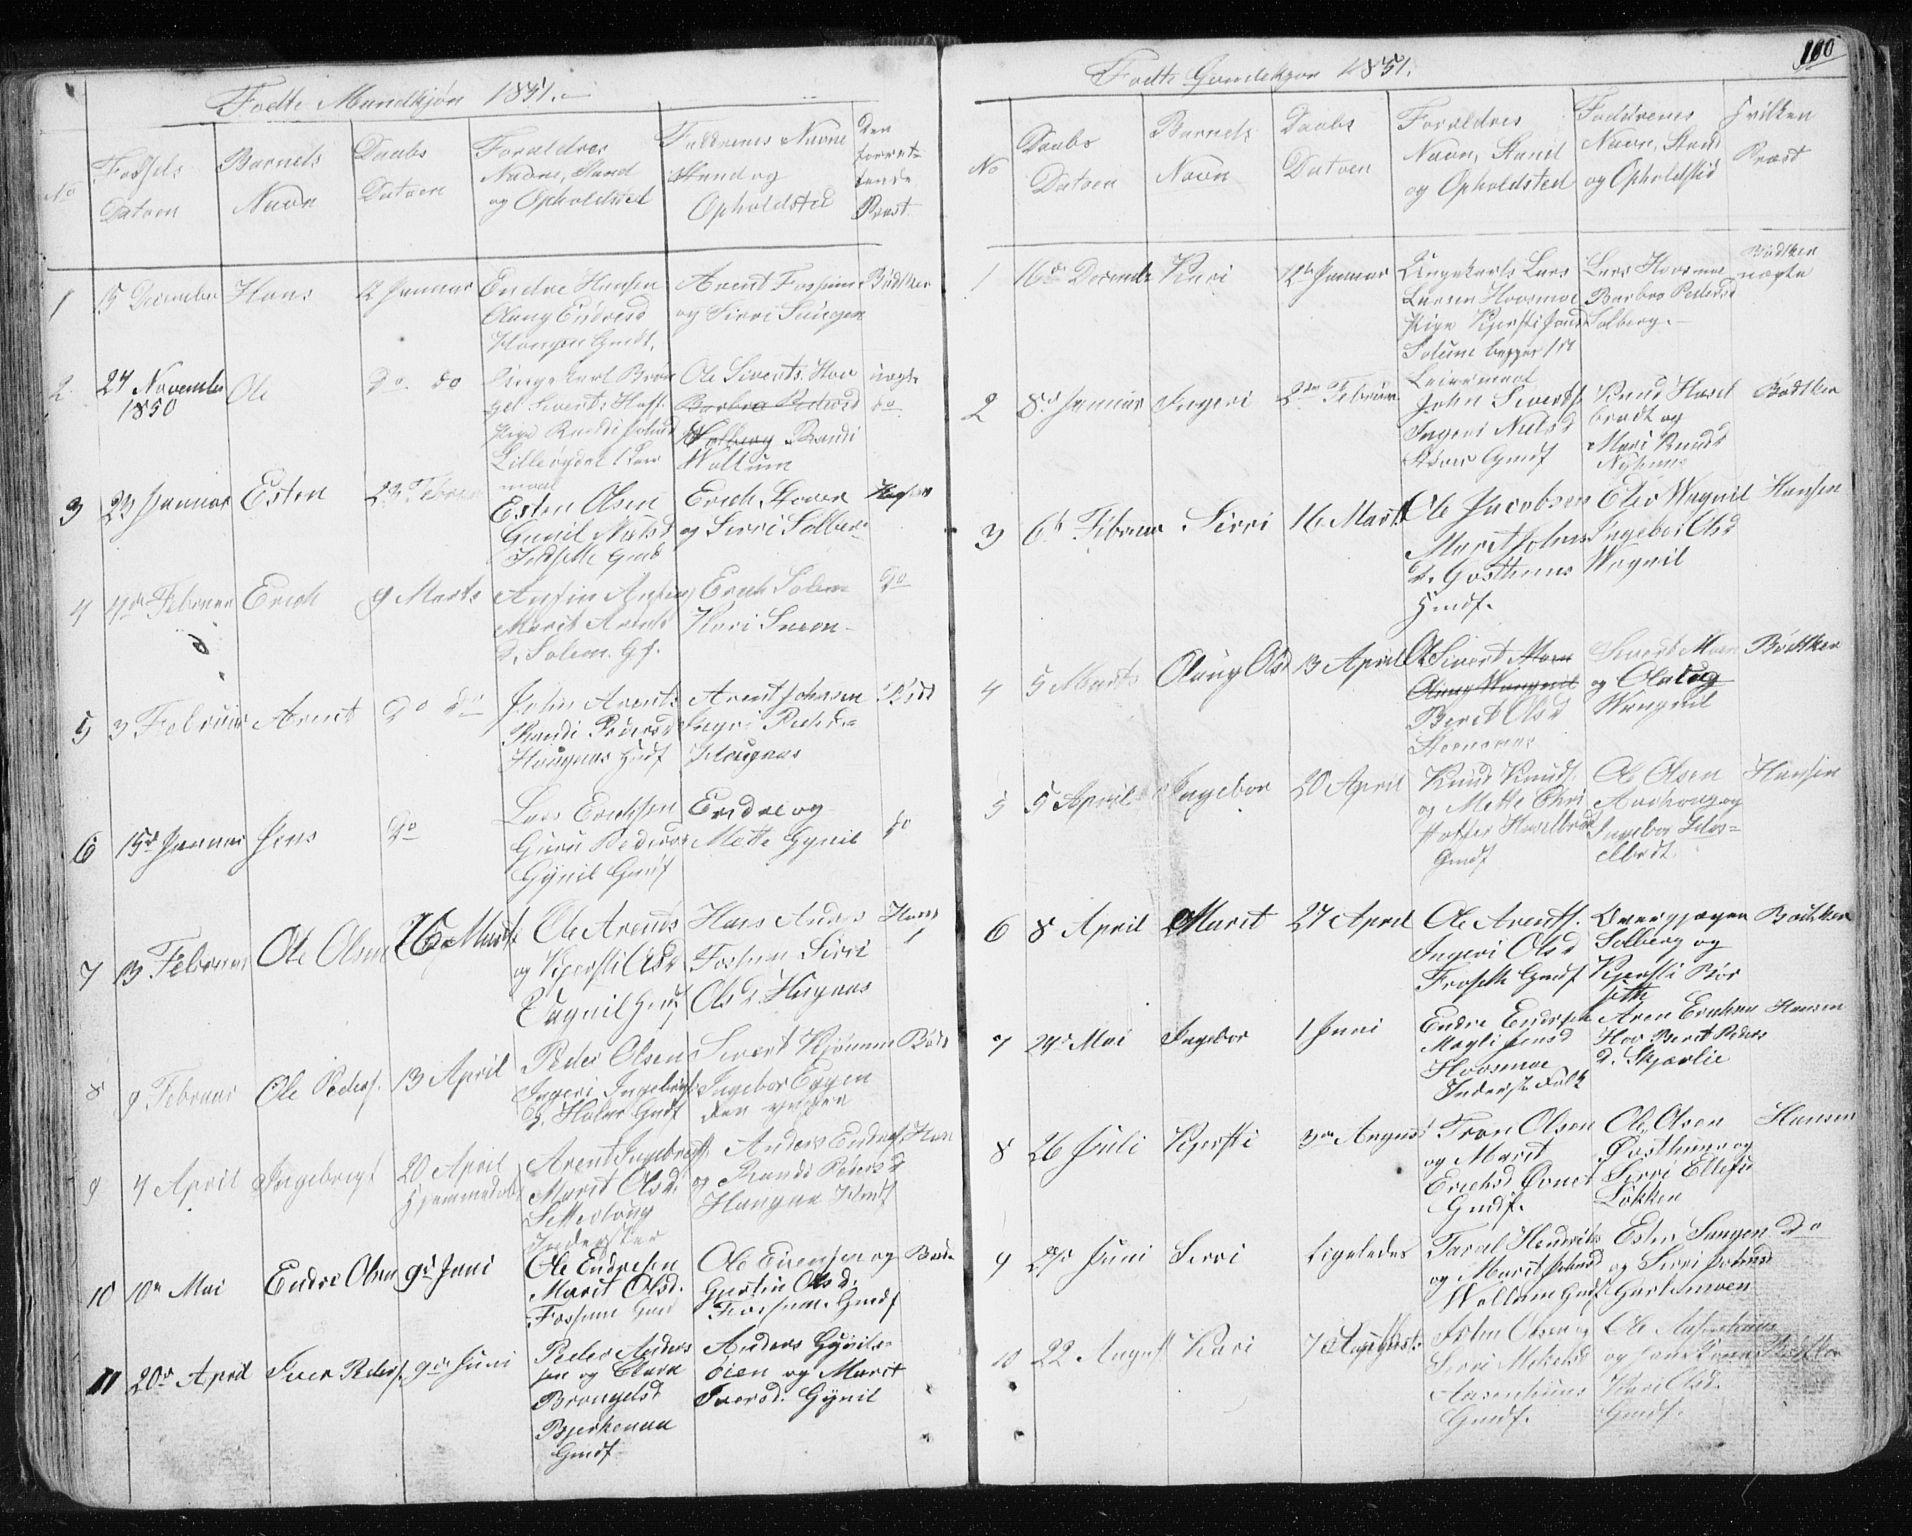 SAT, Ministerialprotokoller, klokkerbøker og fødselsregistre - Sør-Trøndelag, 689/L1043: Klokkerbok nr. 689C02, 1816-1892, s. 100